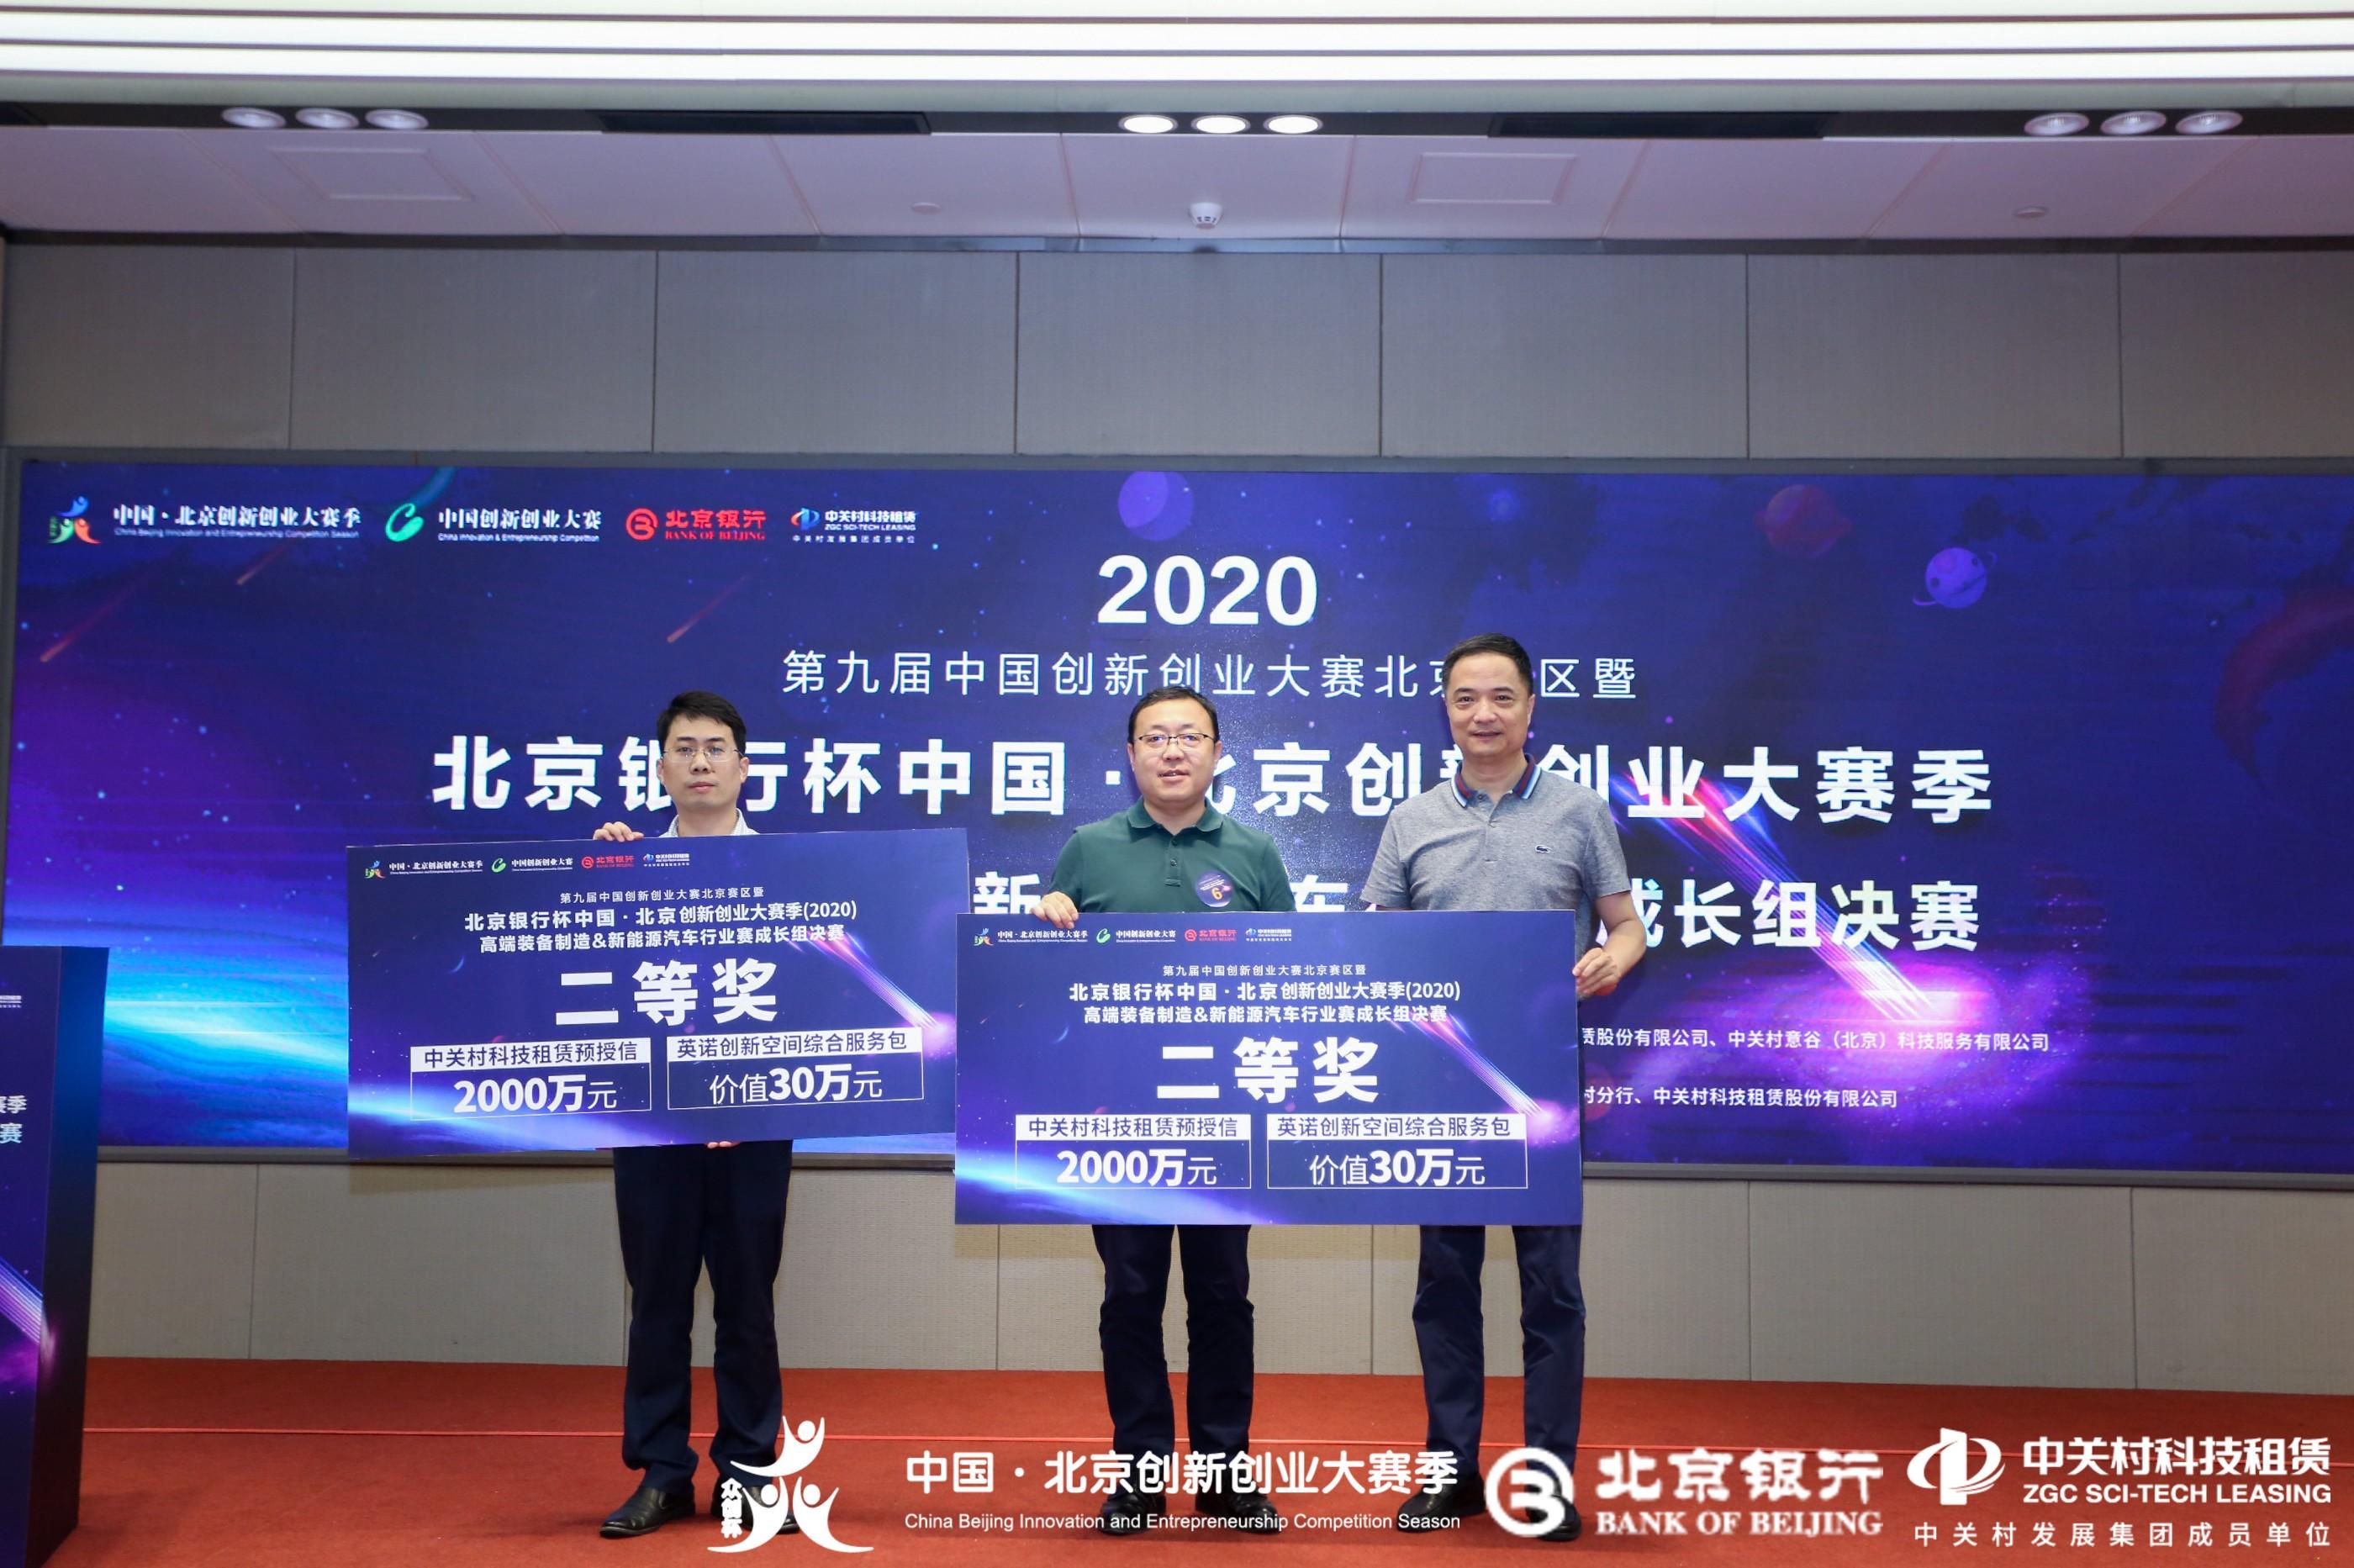 kok体育官方链接科技荣获第九届中国创新创业大赛北京赛区二等奖